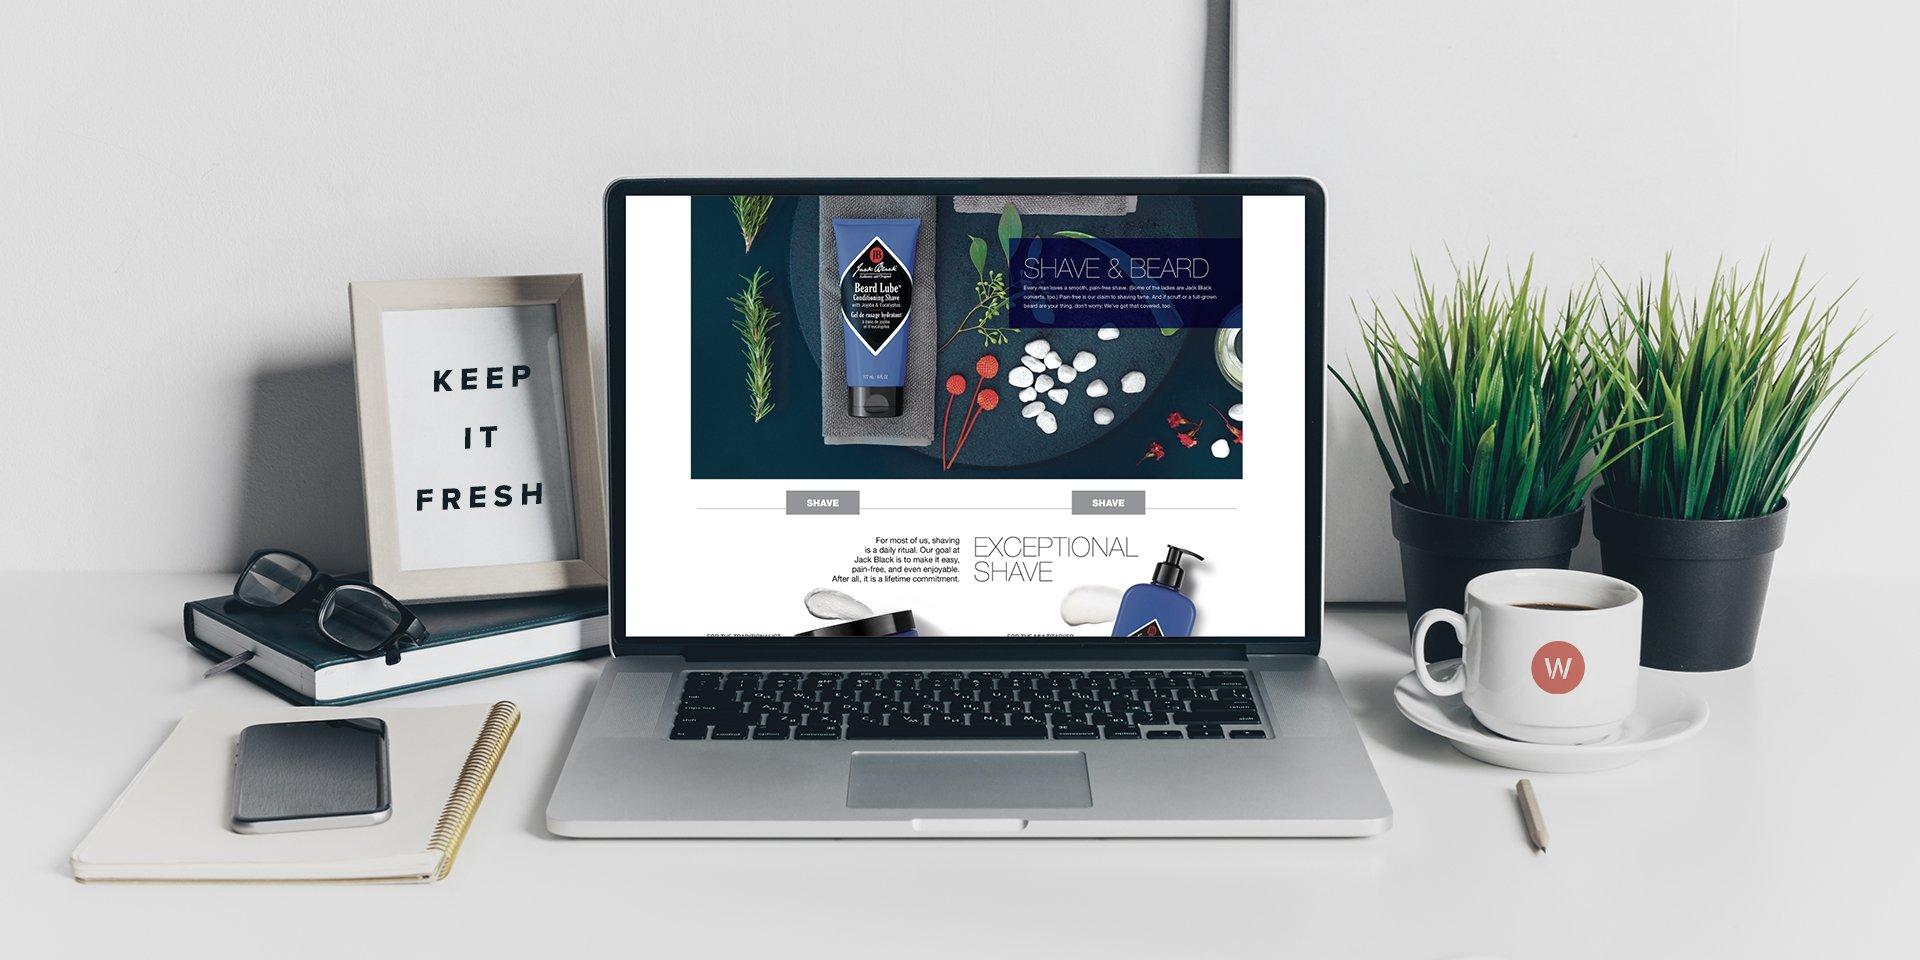 desk with jack black website up and wpromote coffee mug